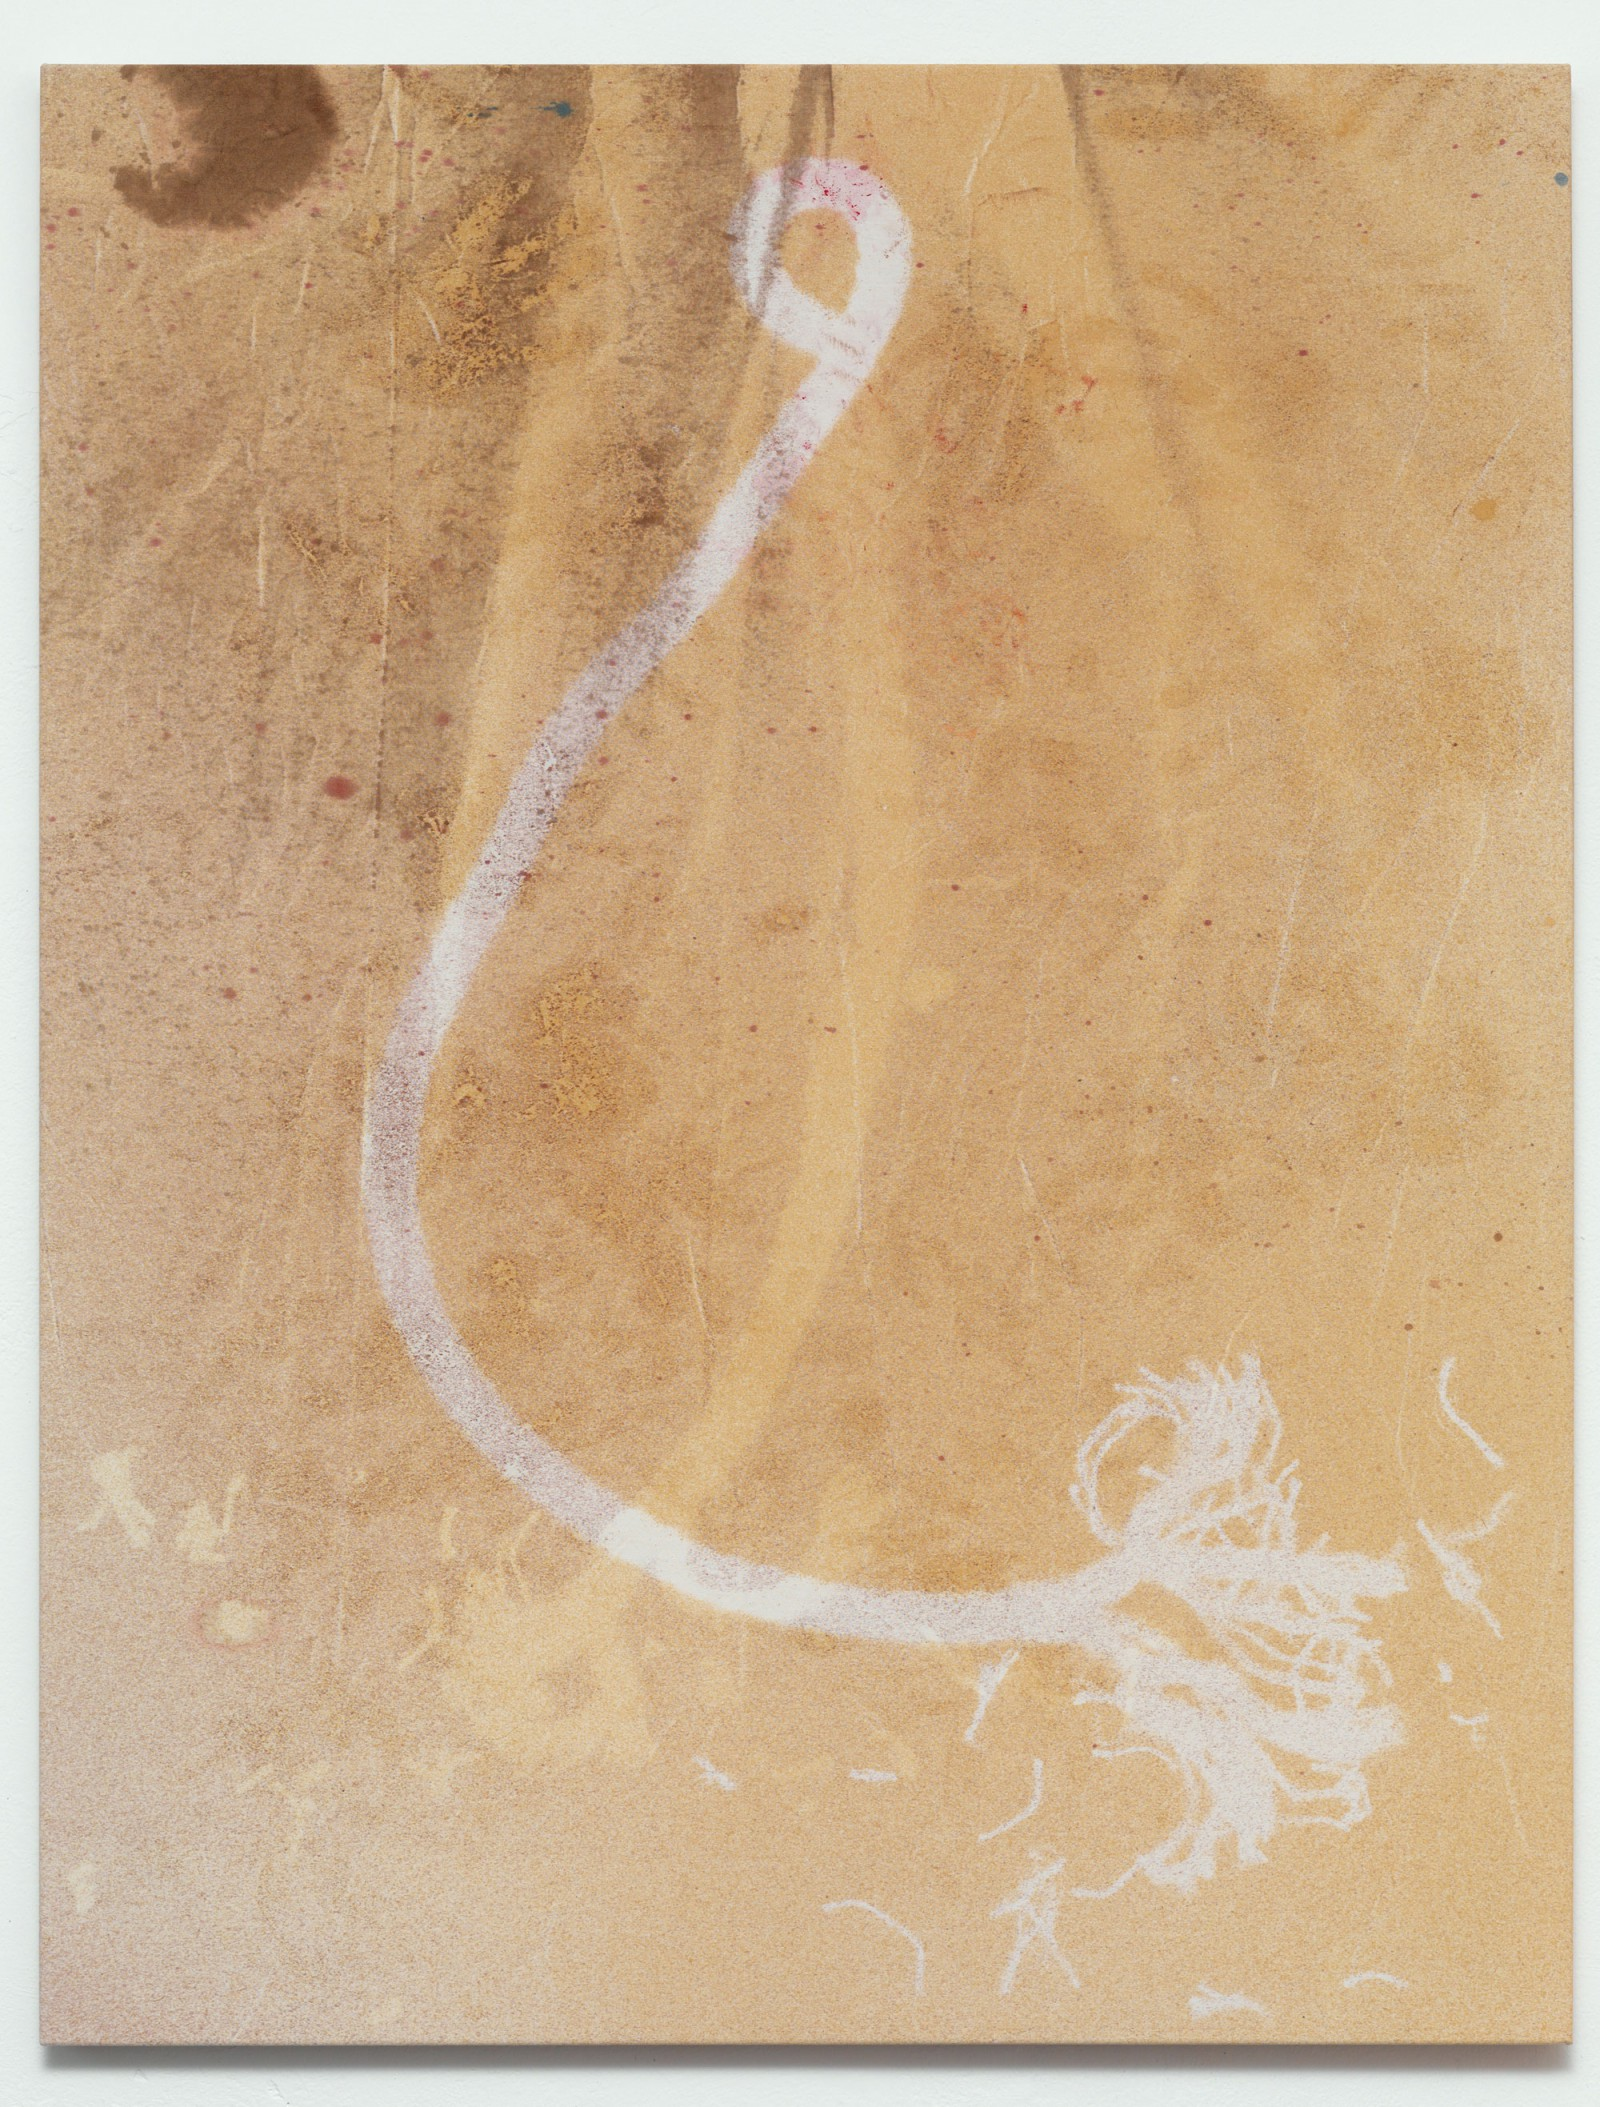 Kim Nekarda: von einem rätsel zum andern (à michel leiris), 2012, vinyl color & body print on cotton, 130 x 100 cm, private collection, berlin